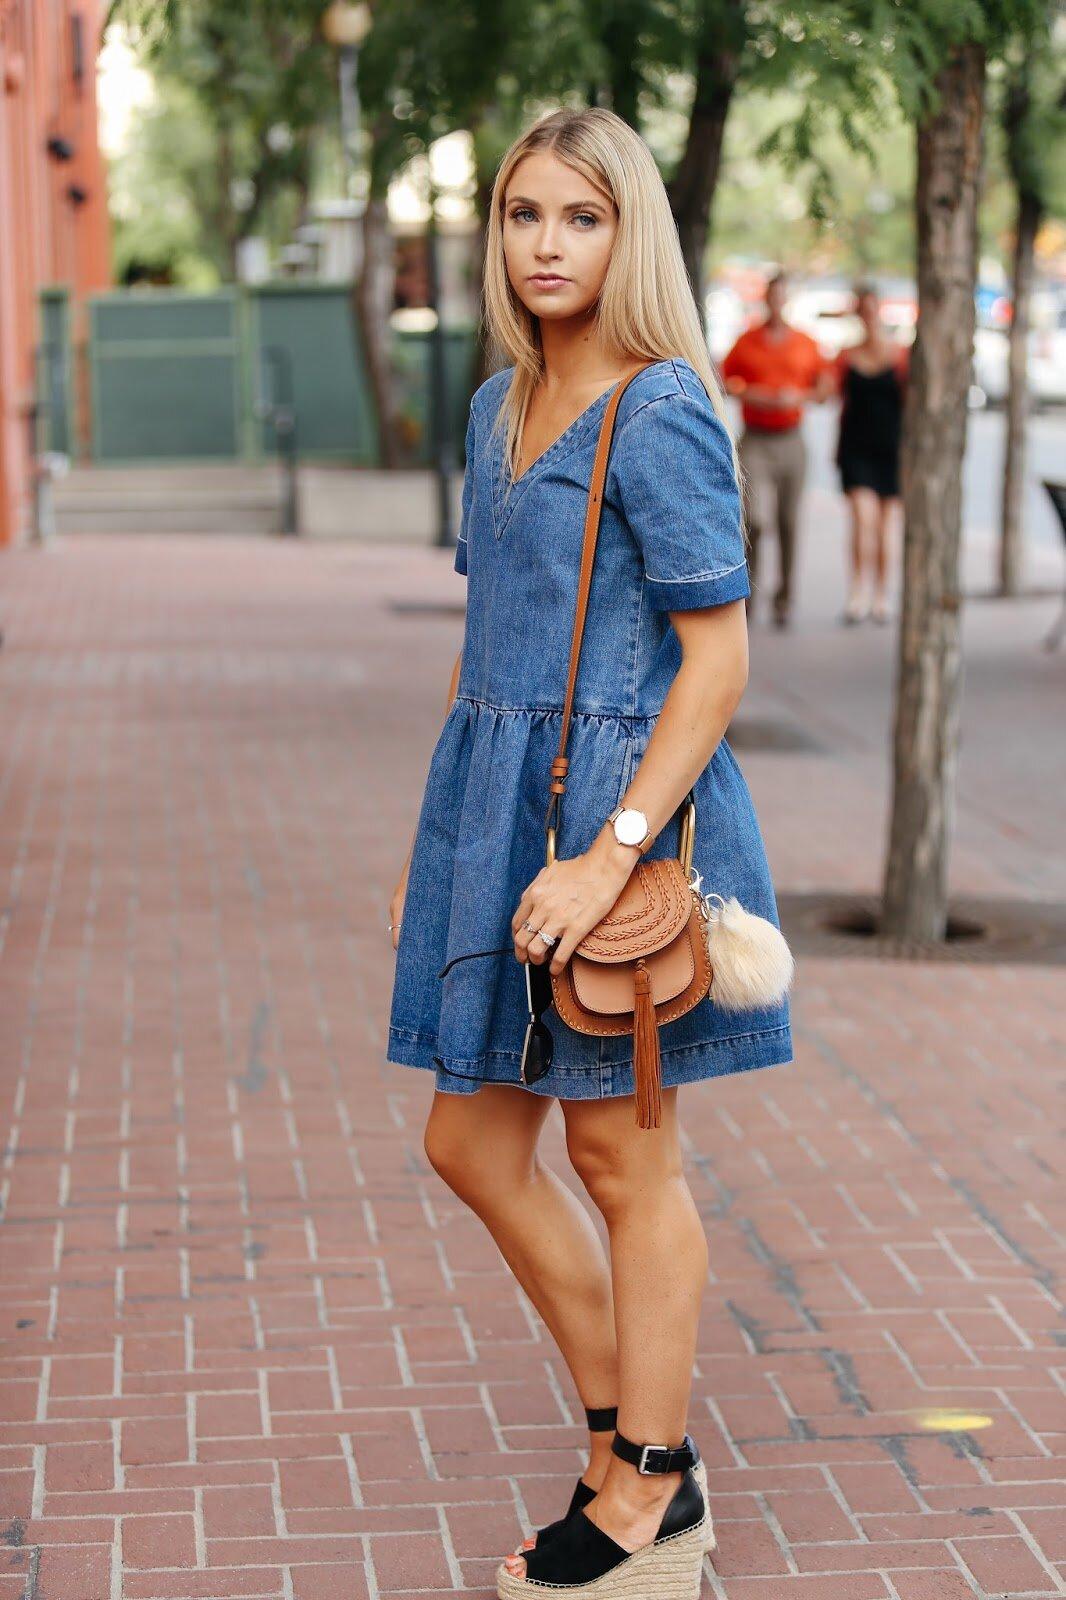 джинсовое платье и босоножки